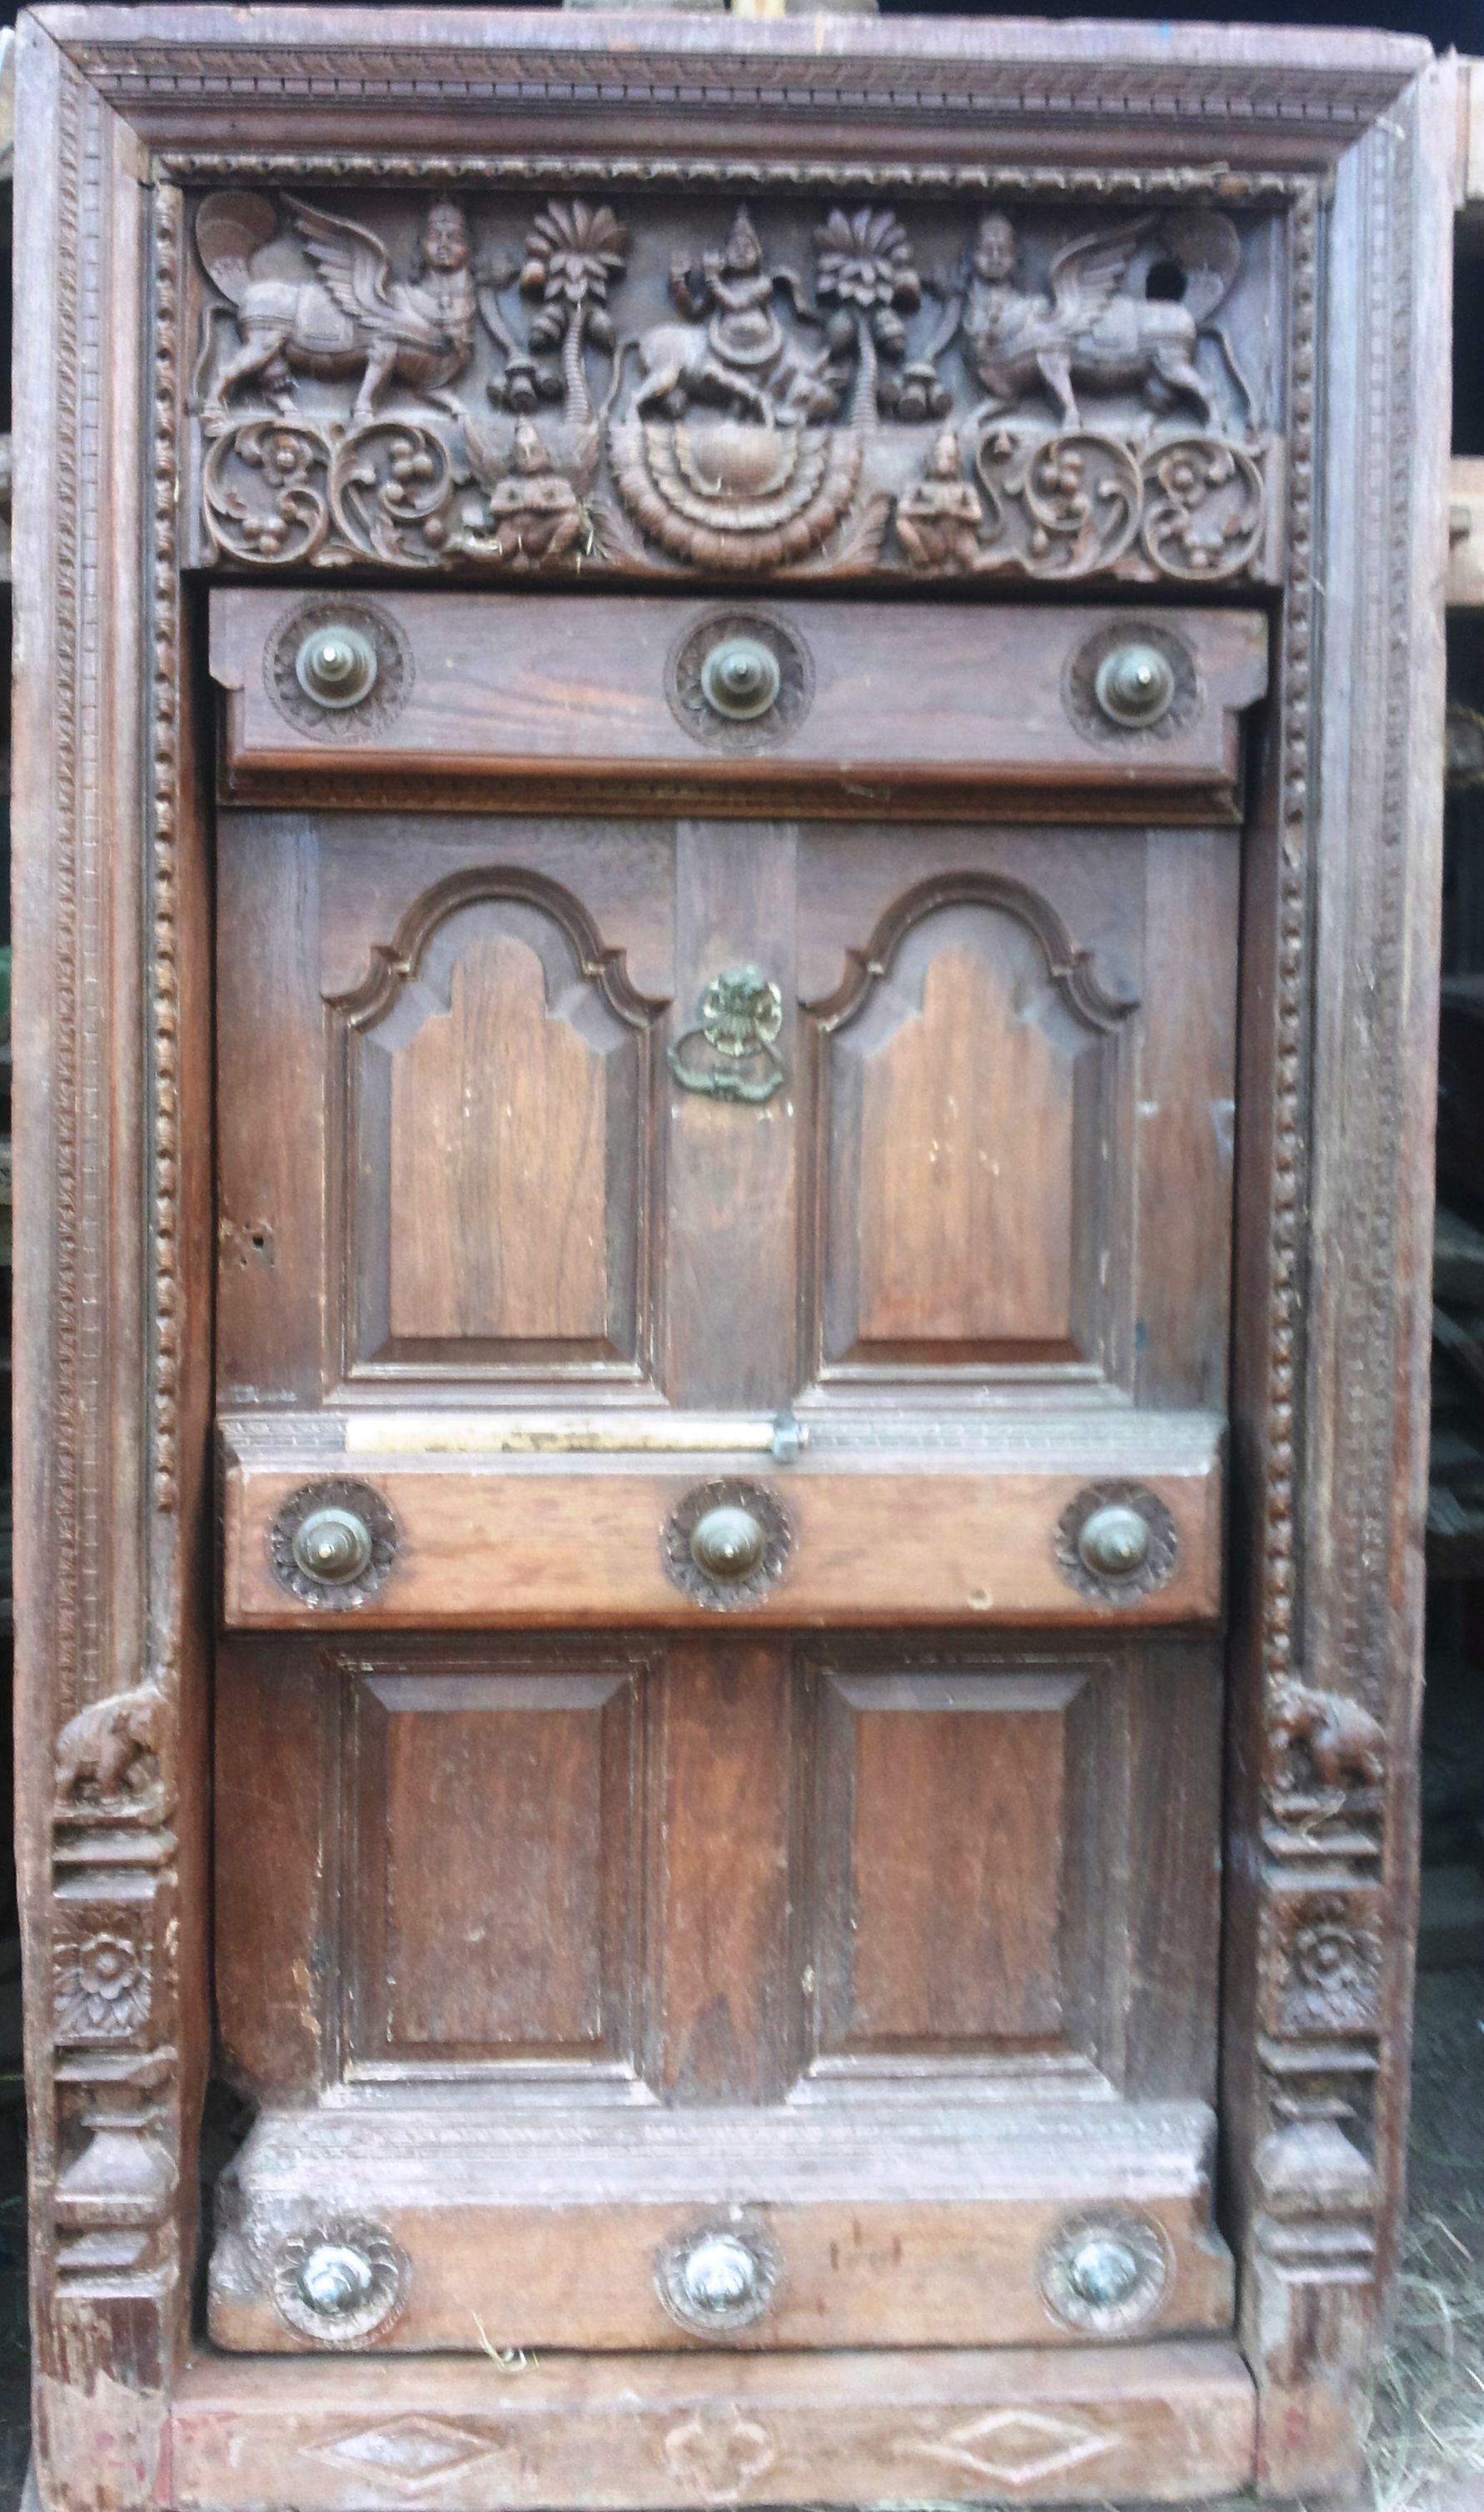 Pin by bhuvana senthil on Houses | Pinterest | Doors Entrance doors and Main door & Pin by bhuvana senthil on Houses | Pinterest | Doors Entrance doors ...